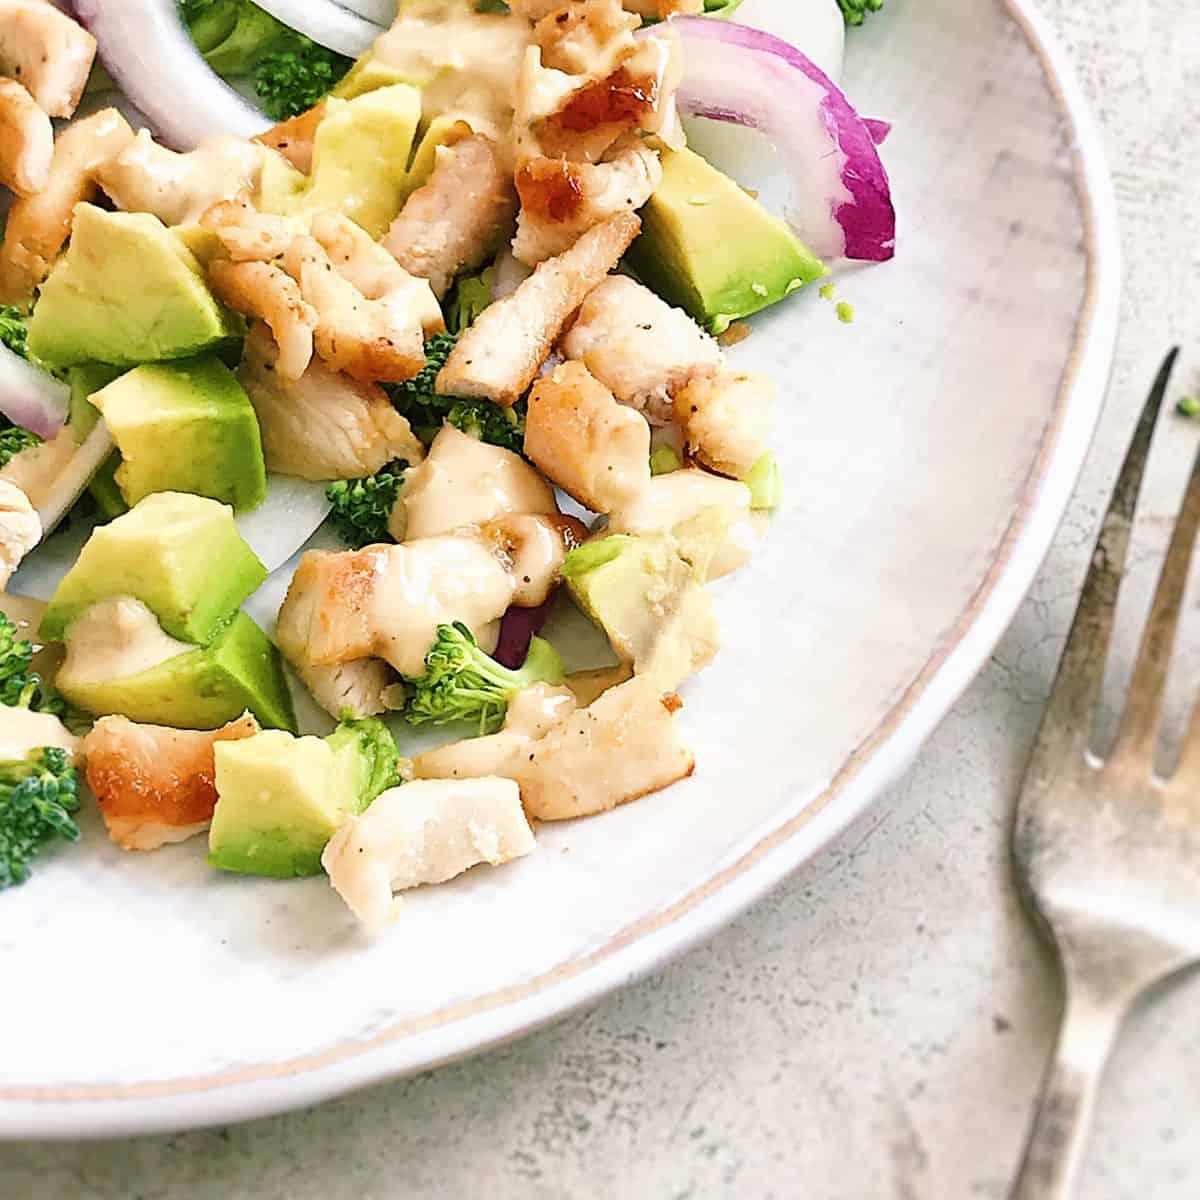 ¿Cómo se prepara una ensalada de aguacate y brócoli?